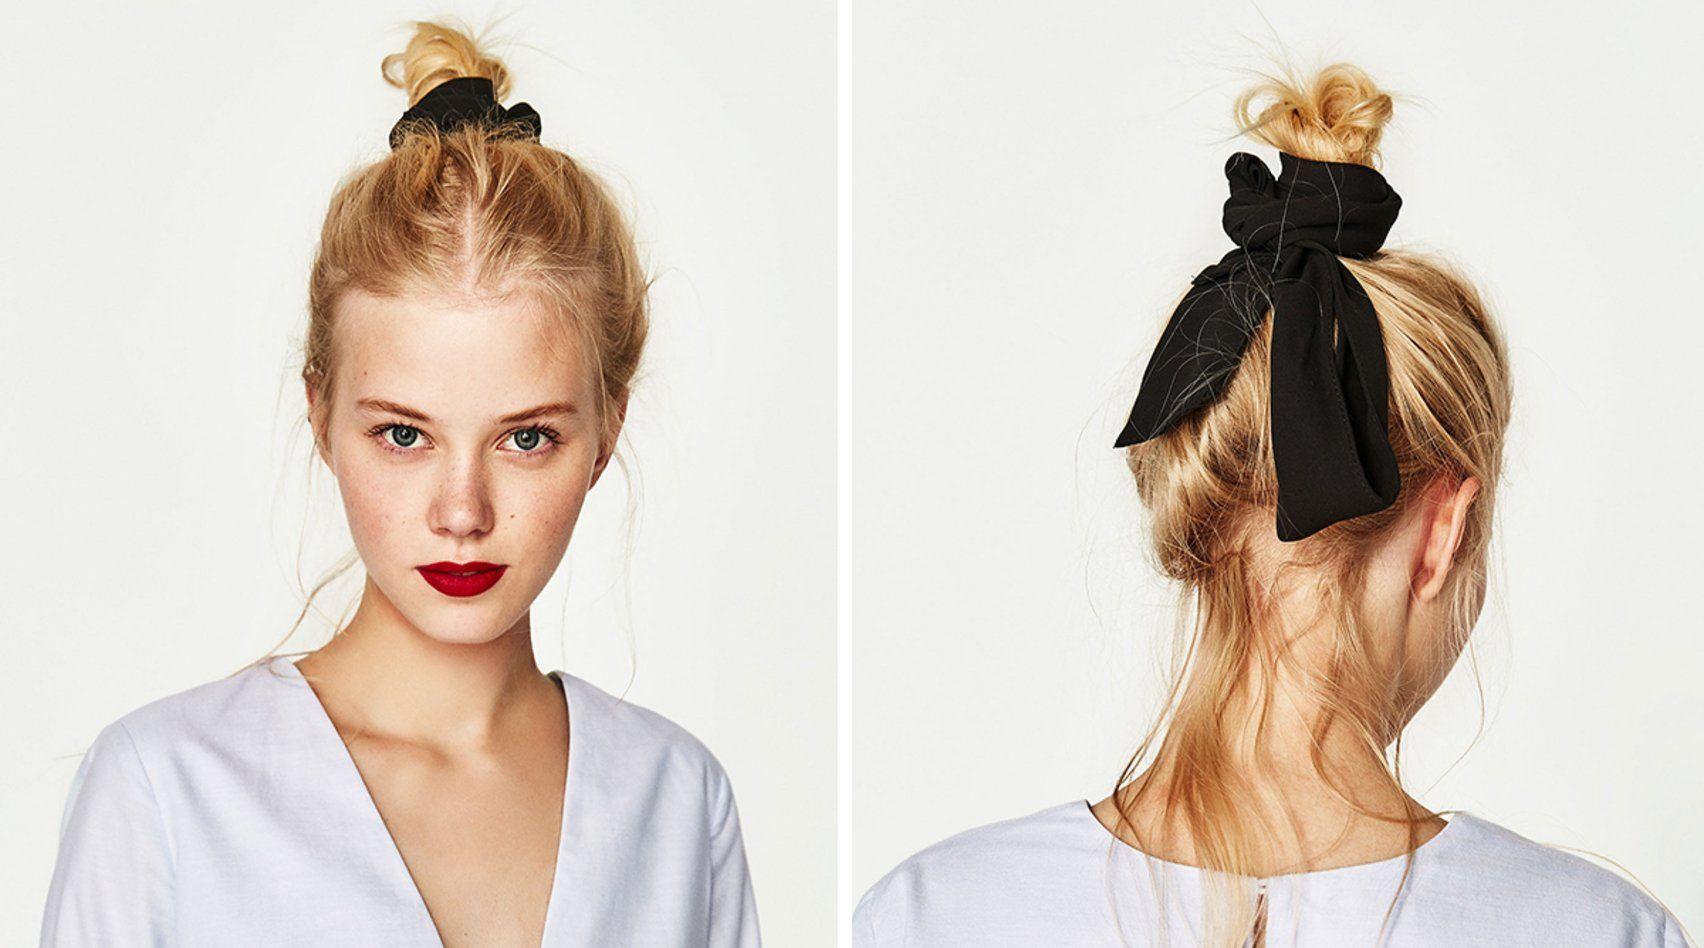 Abgeschaut Die 5 Schonsten Sommer Frisuren Der Zara Models Haar Styling Haarschonheit Haar Und Beauty